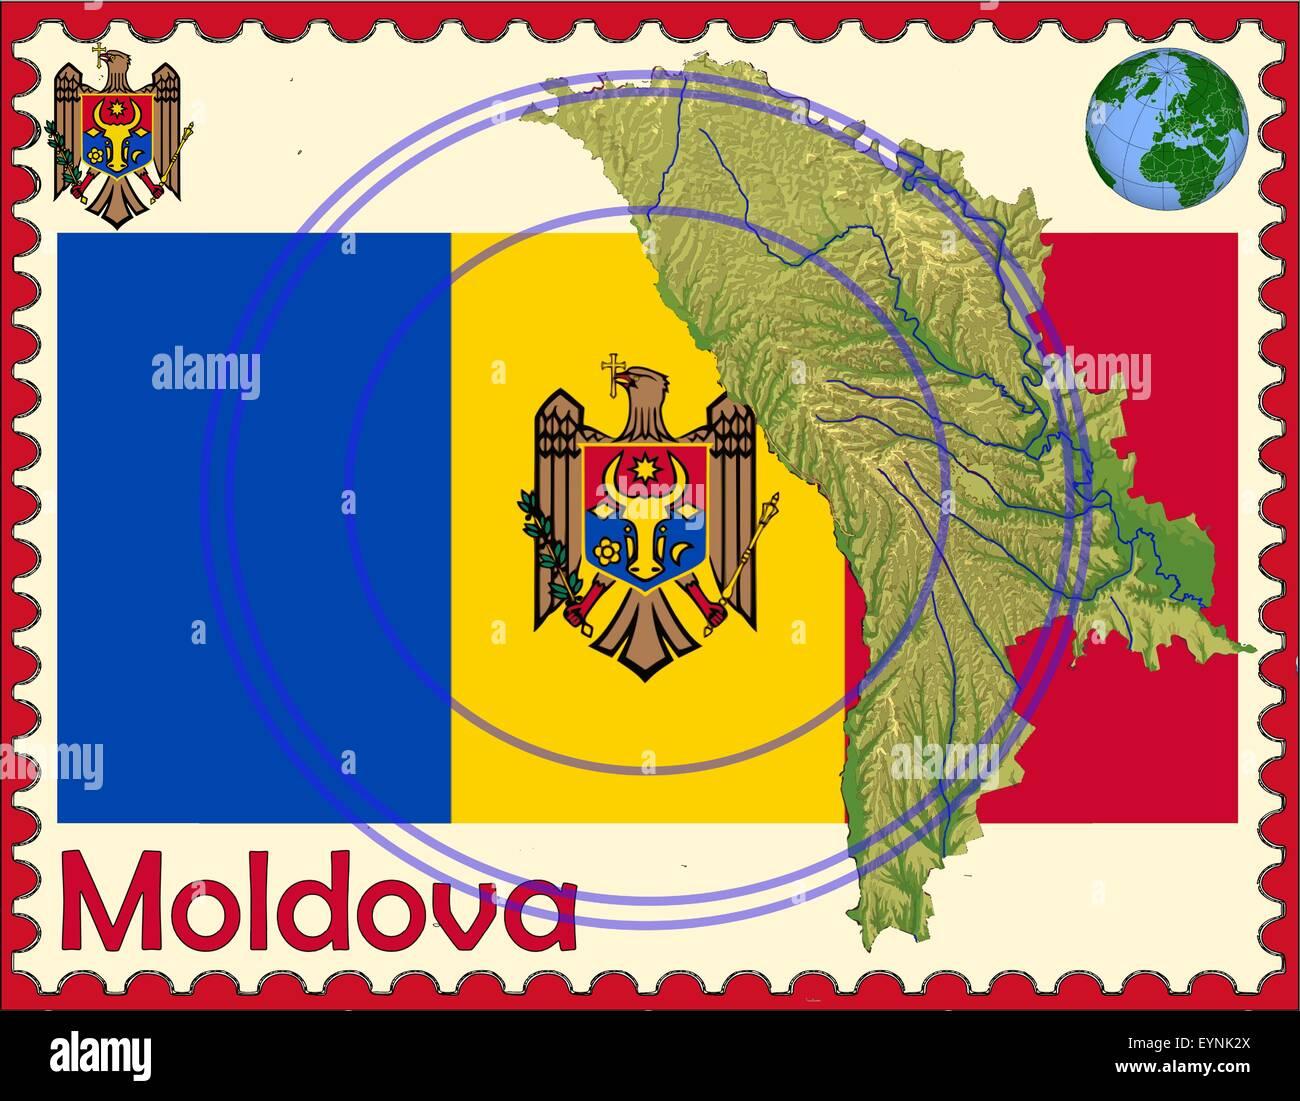 Moldova Map Flag Coat Stock Photos & Moldova Map Flag Coat